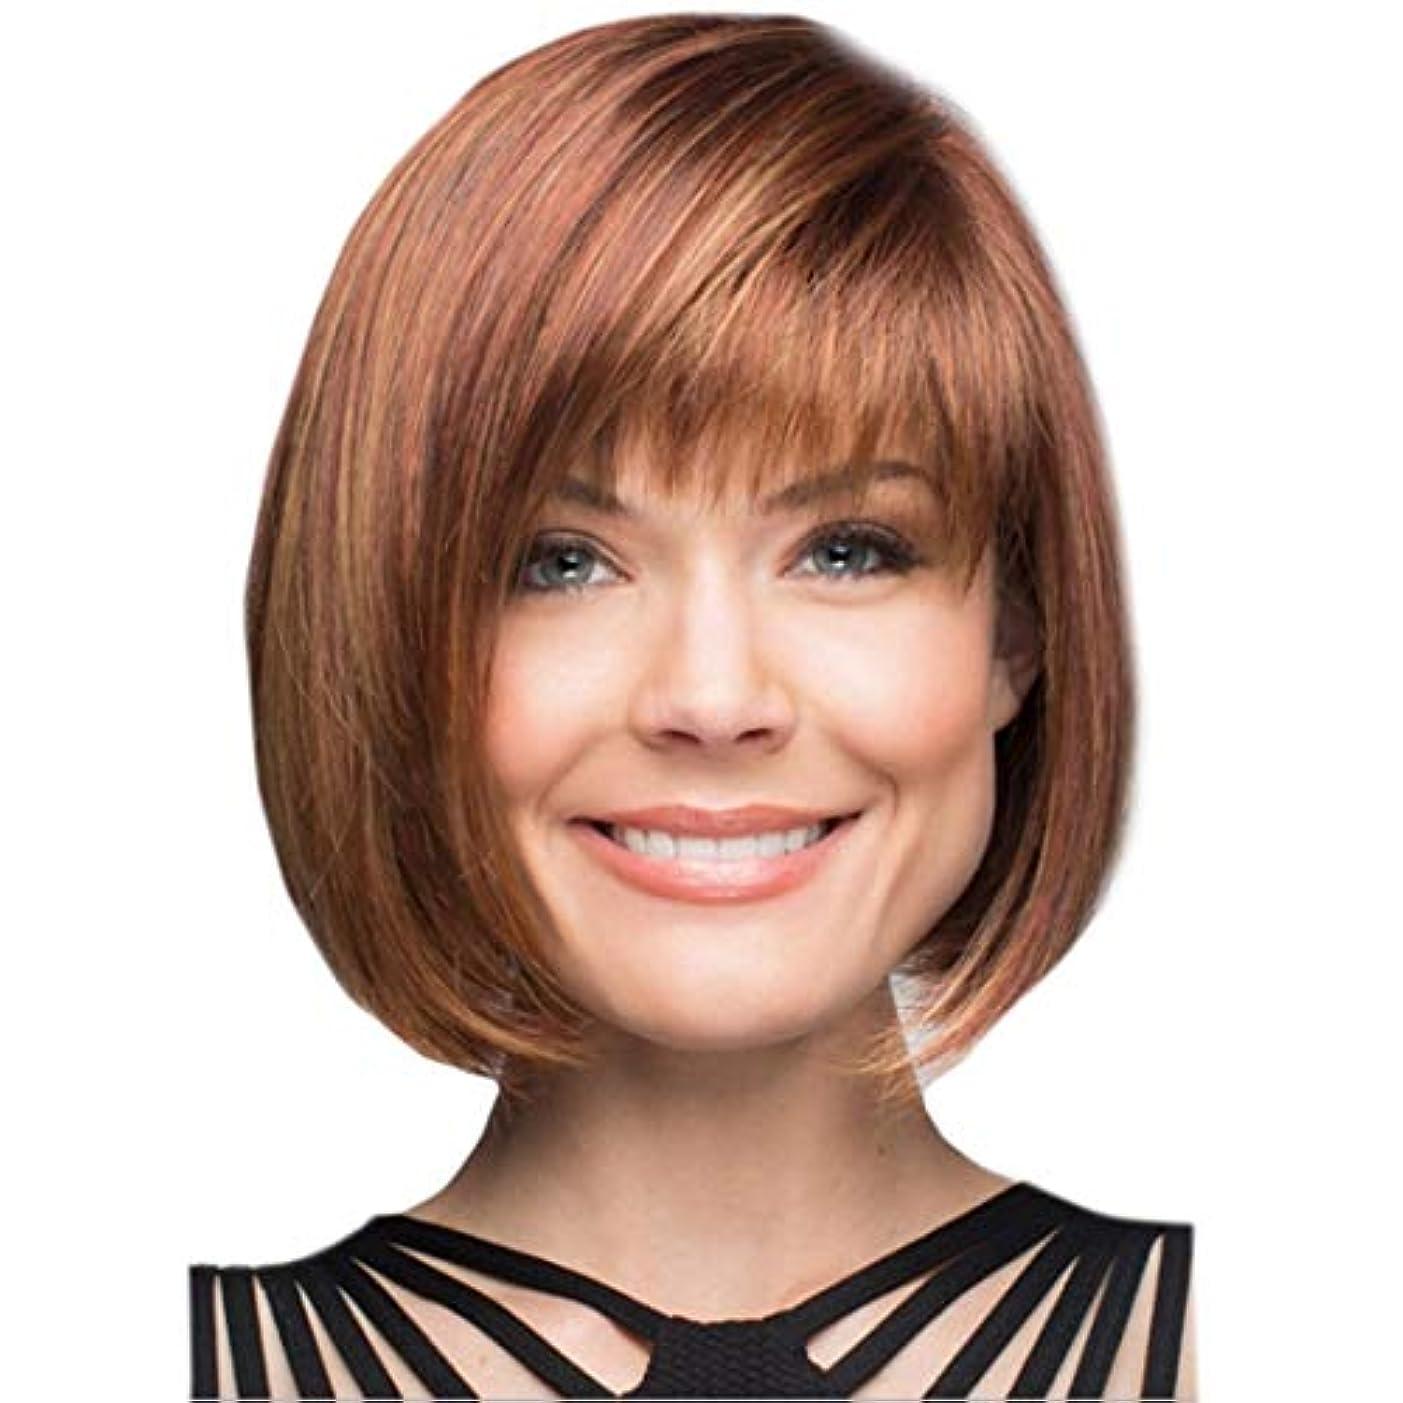 増幅する動力学二週間Summerys 女性のための茶色の短いストレートヘアスプリットボボヘッドウィッグ化学繊維ウィッグヘッドギア